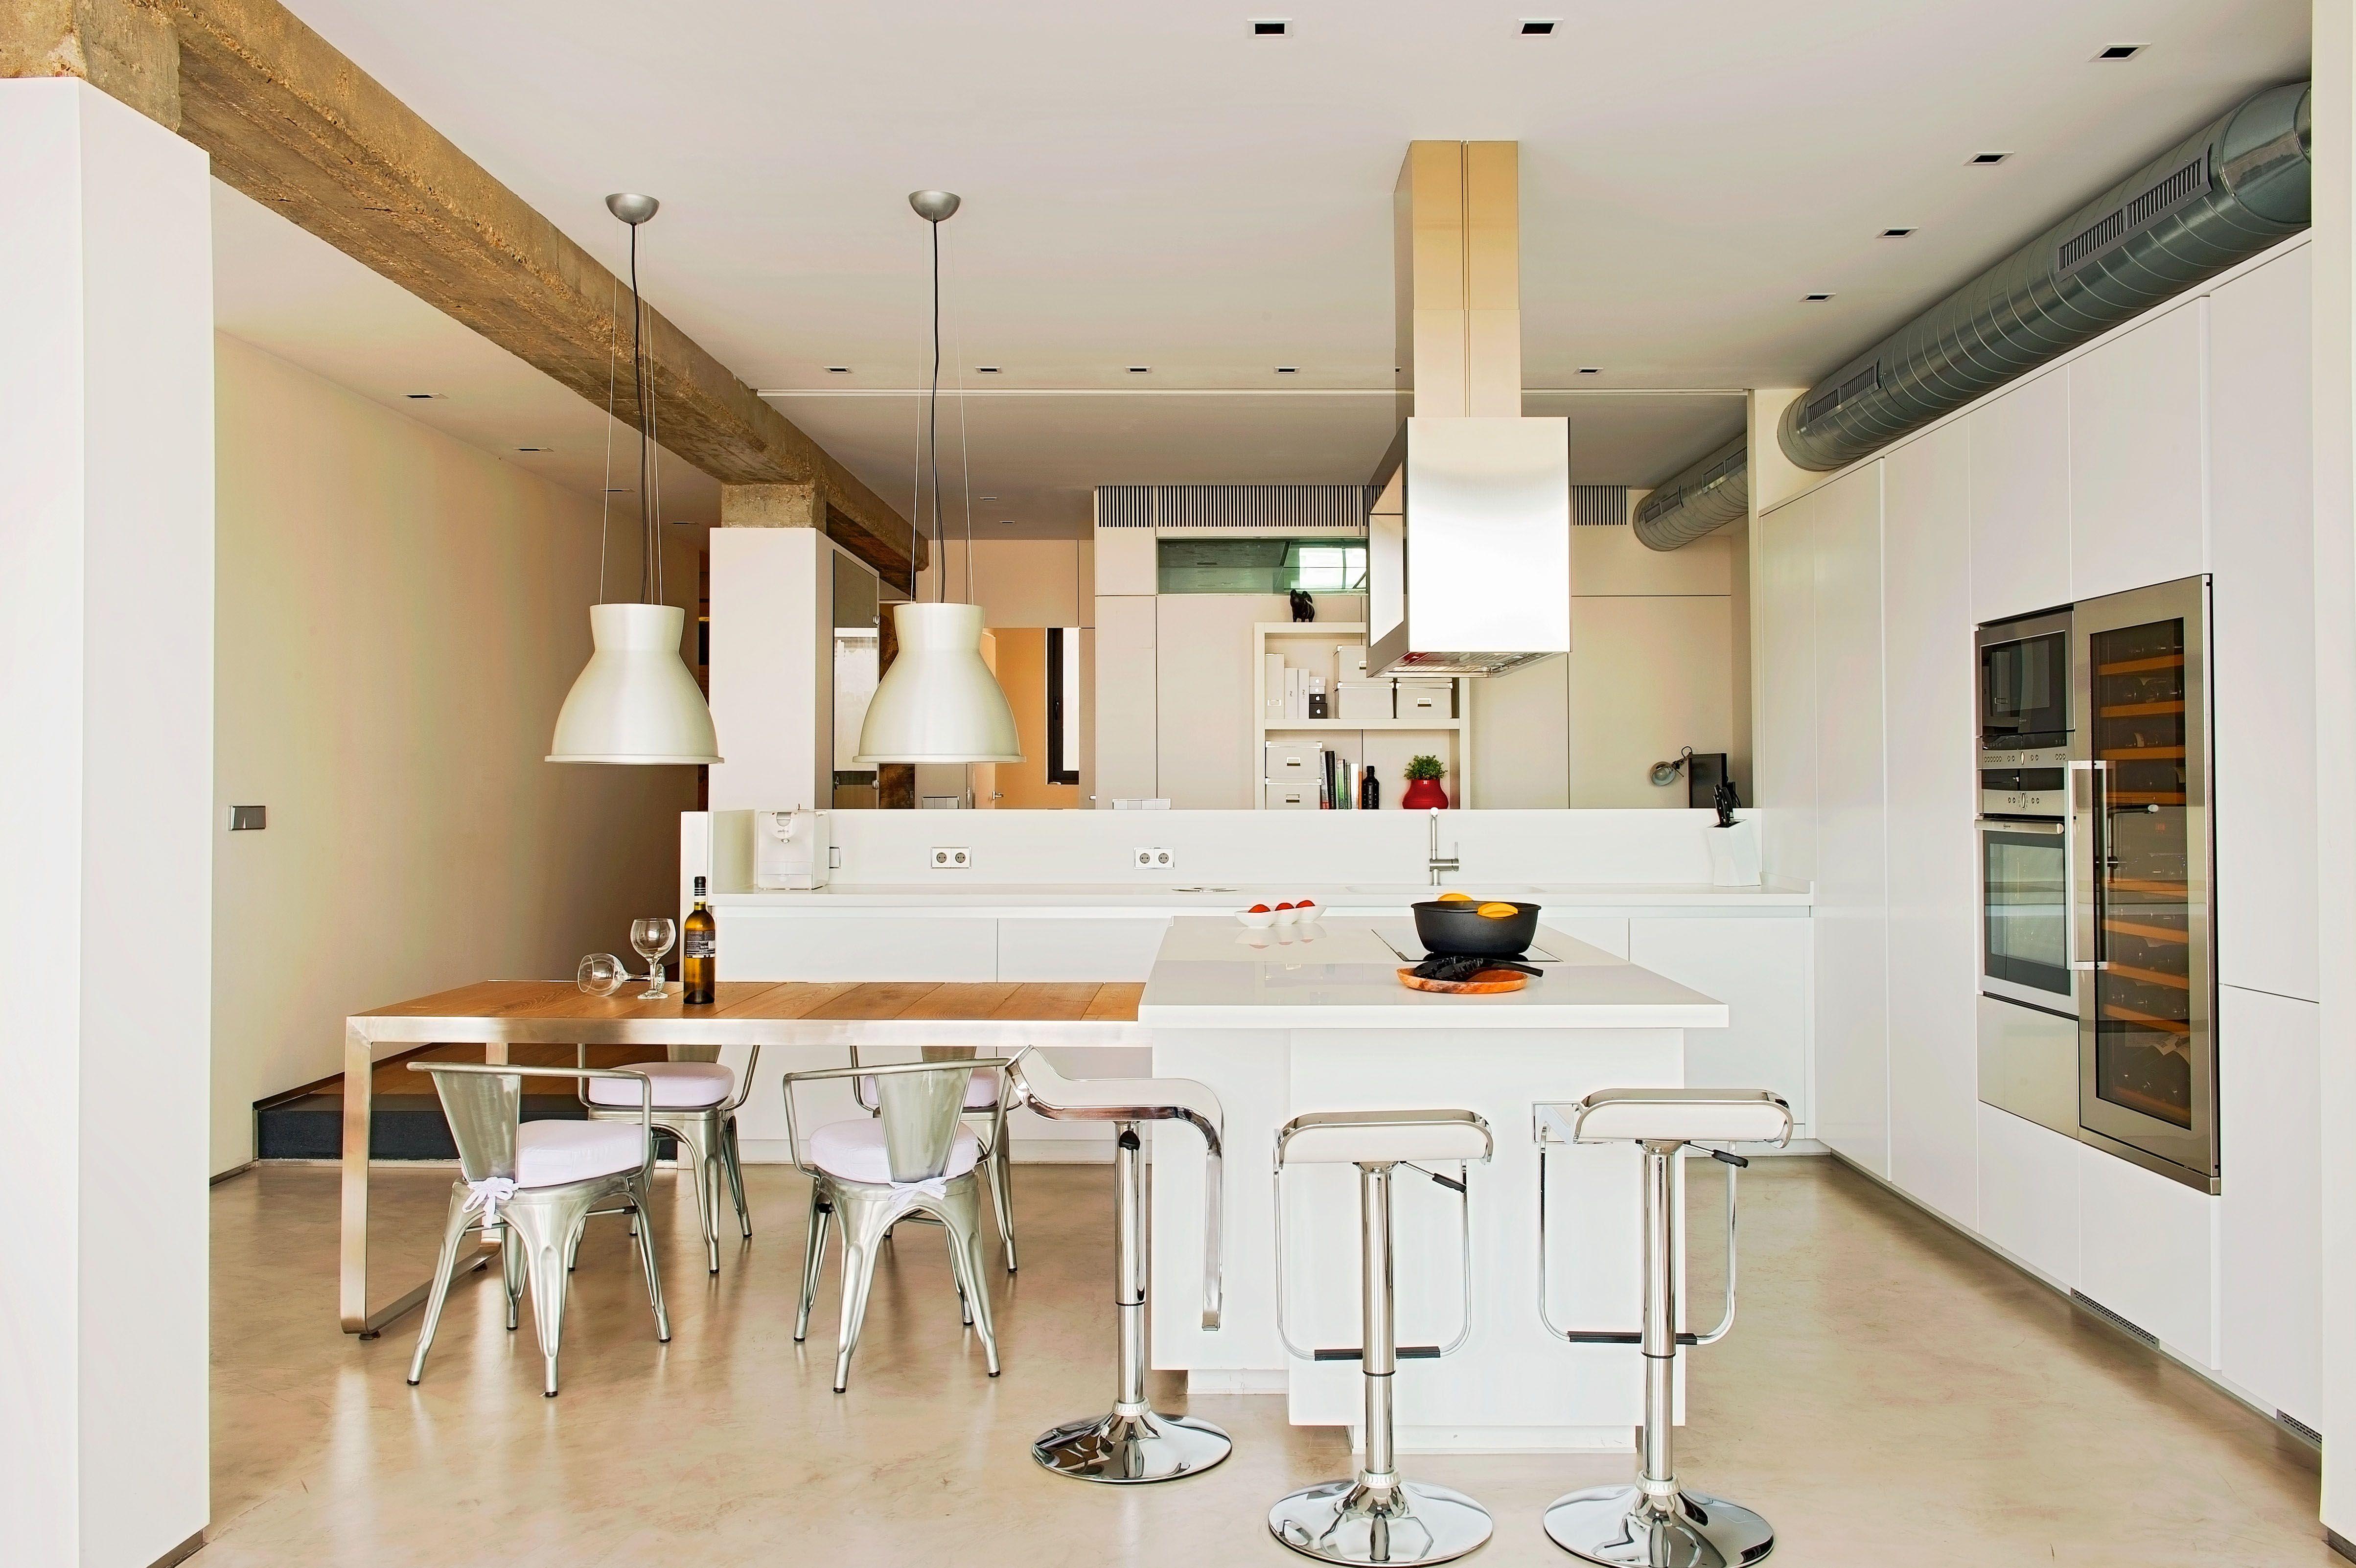 Estudio #Cocina #moderno #decoracion via @planreforma #encimeras ...